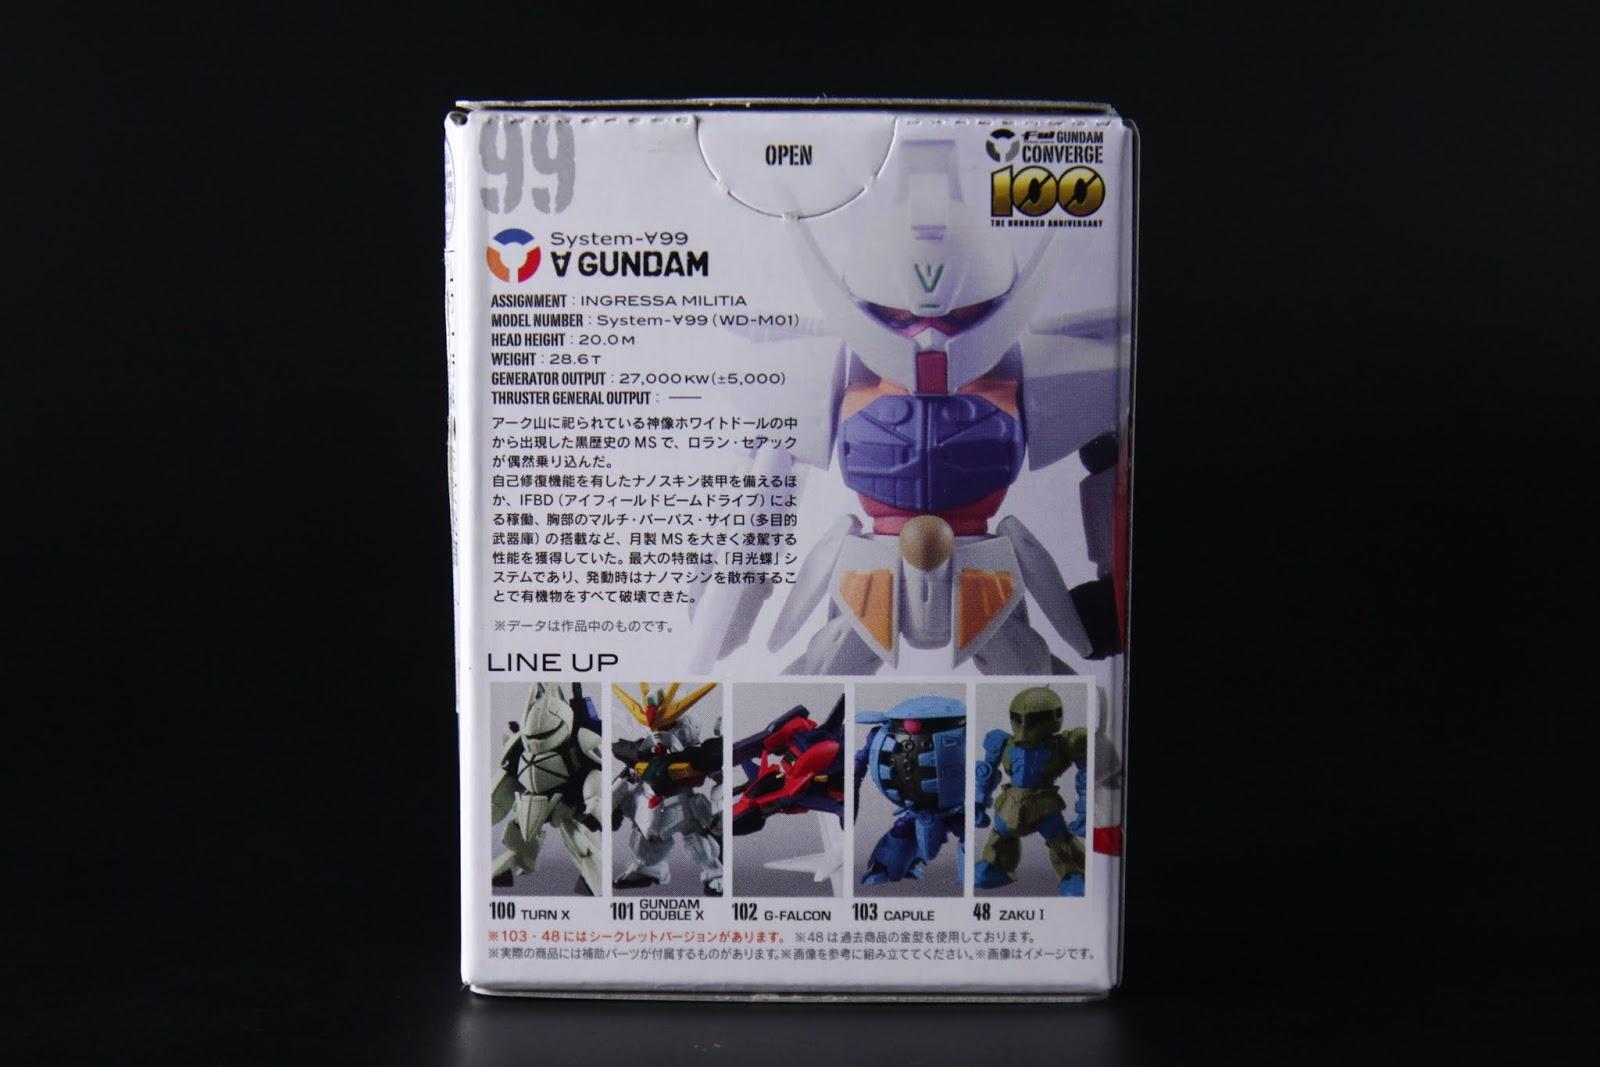 """最終的Gunadm,無論新舊只要是作品掛""""gundam""""兩字的都會終結在這部作品"""